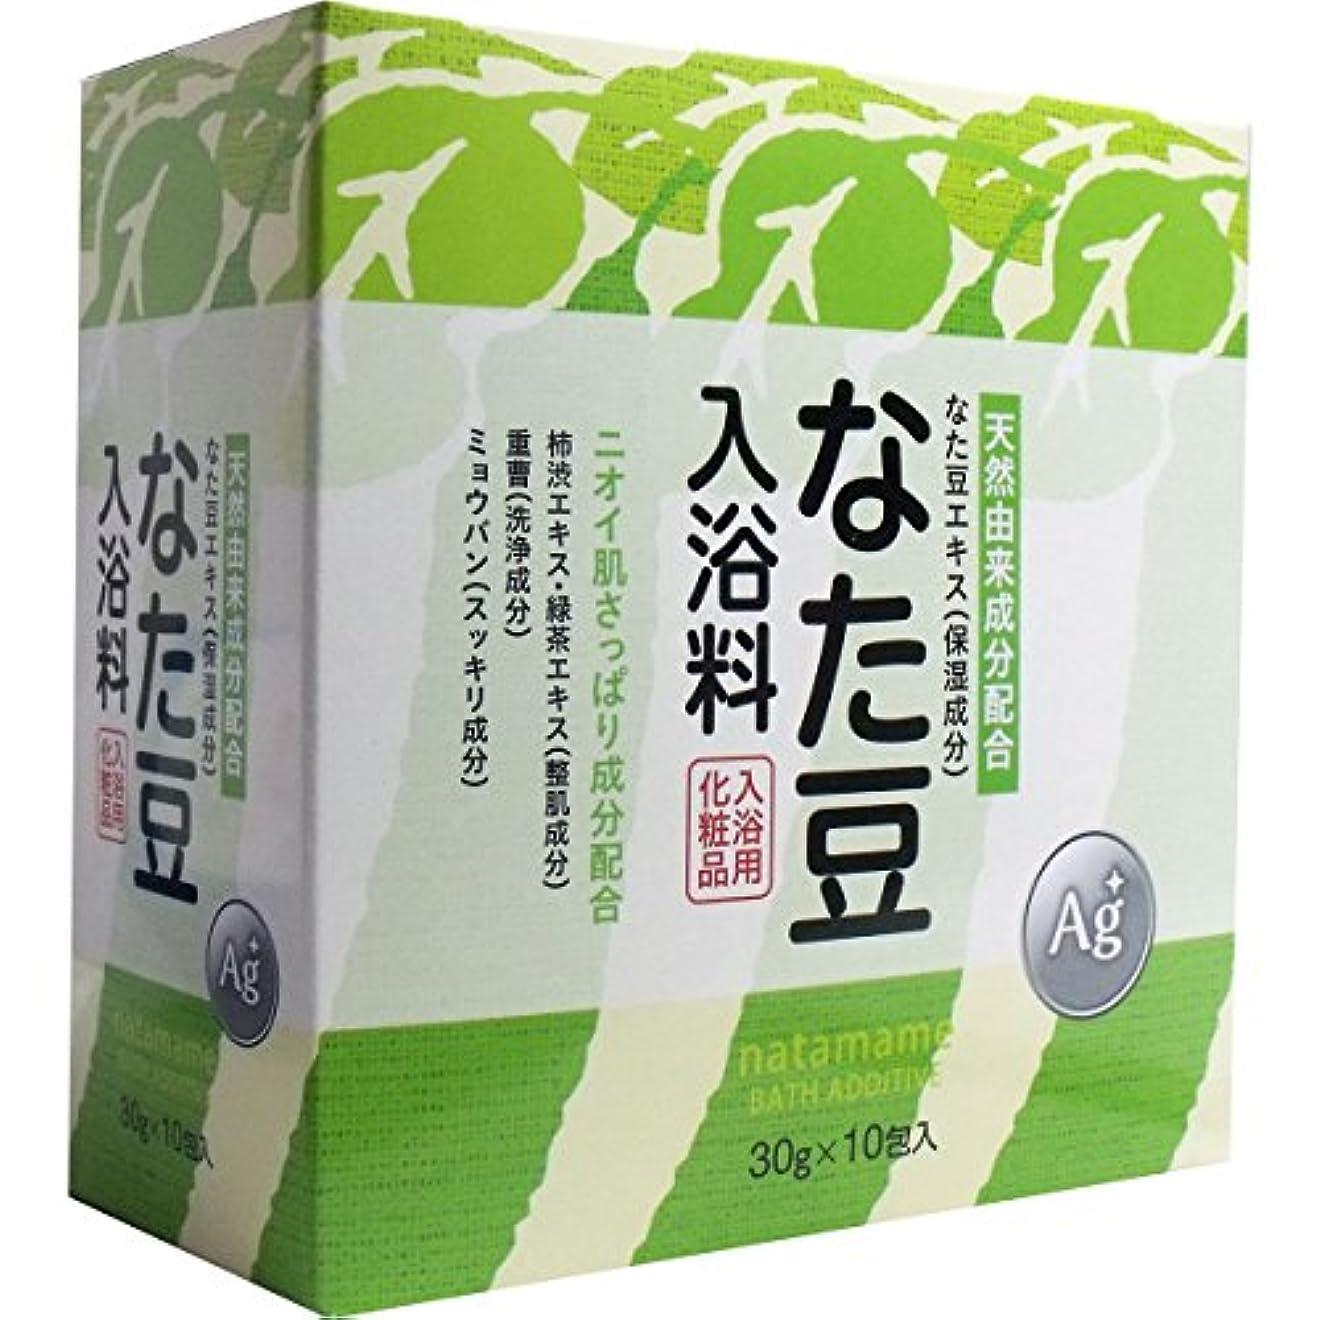 大声で大きさ抱擁天然由来成分配合 なた豆入浴料 入浴用化粧品 30g×10包入